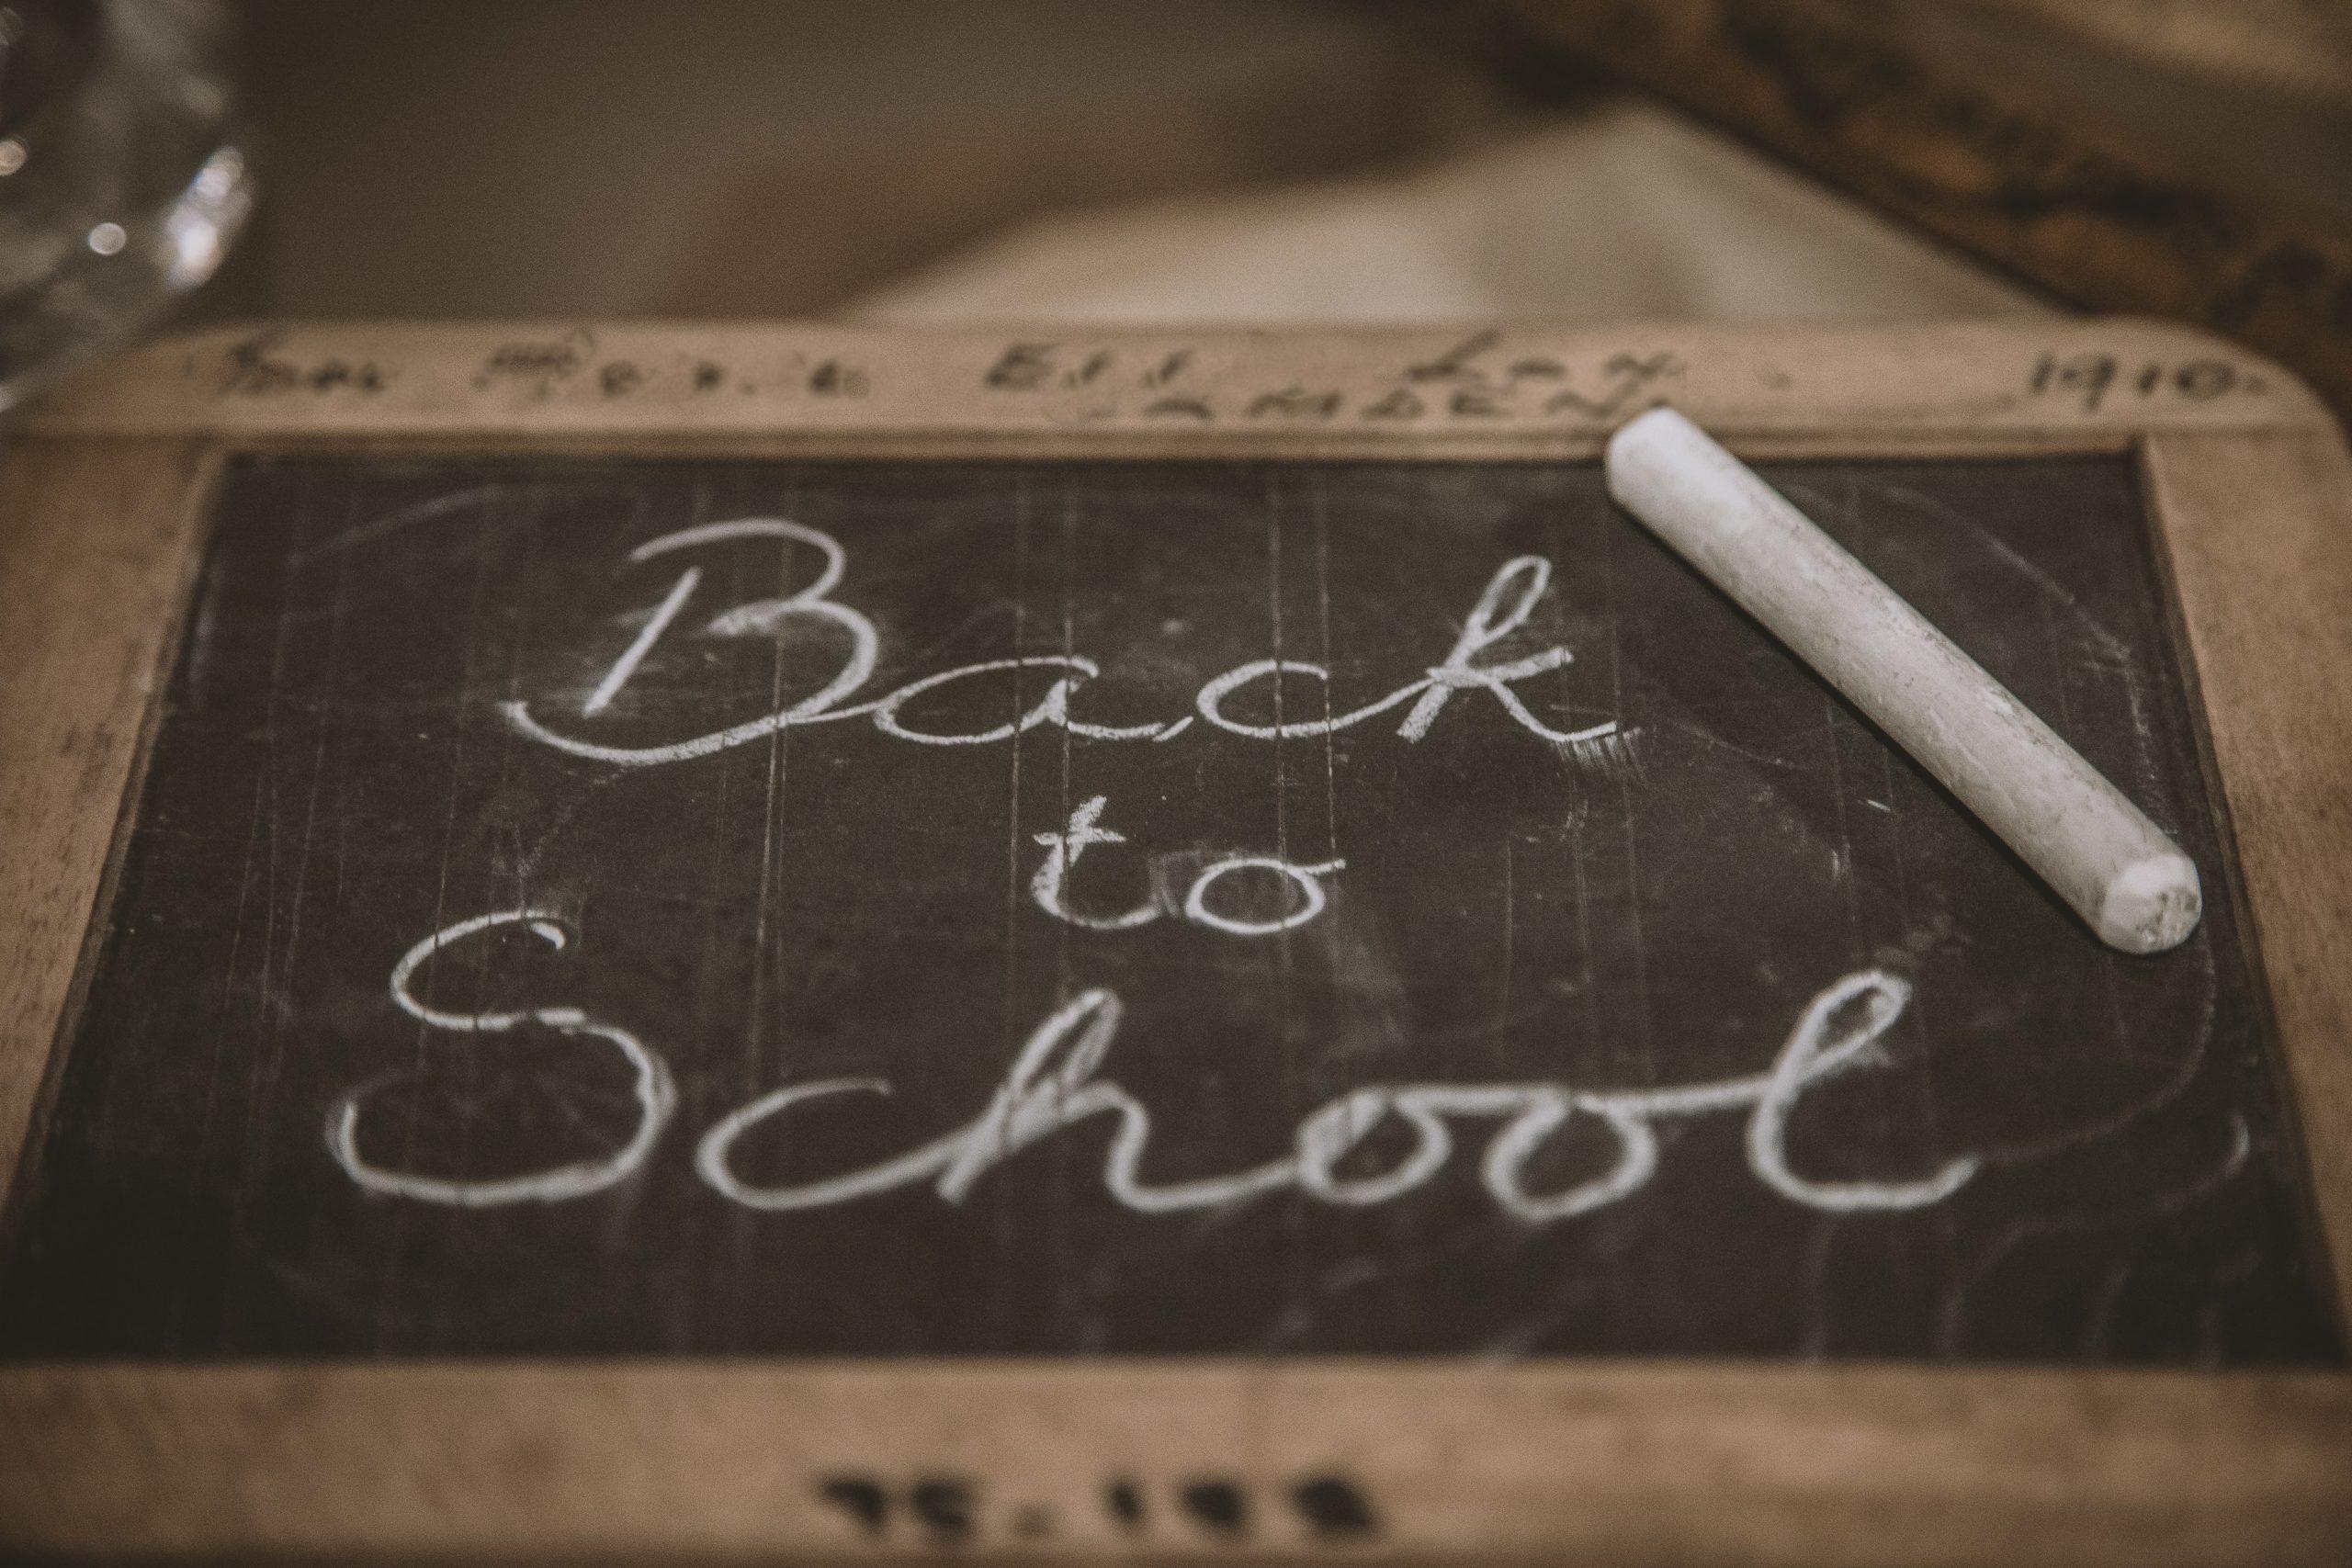 放課後に子どもの面倒を見てくれる「放課後児童健全育成事業」とは